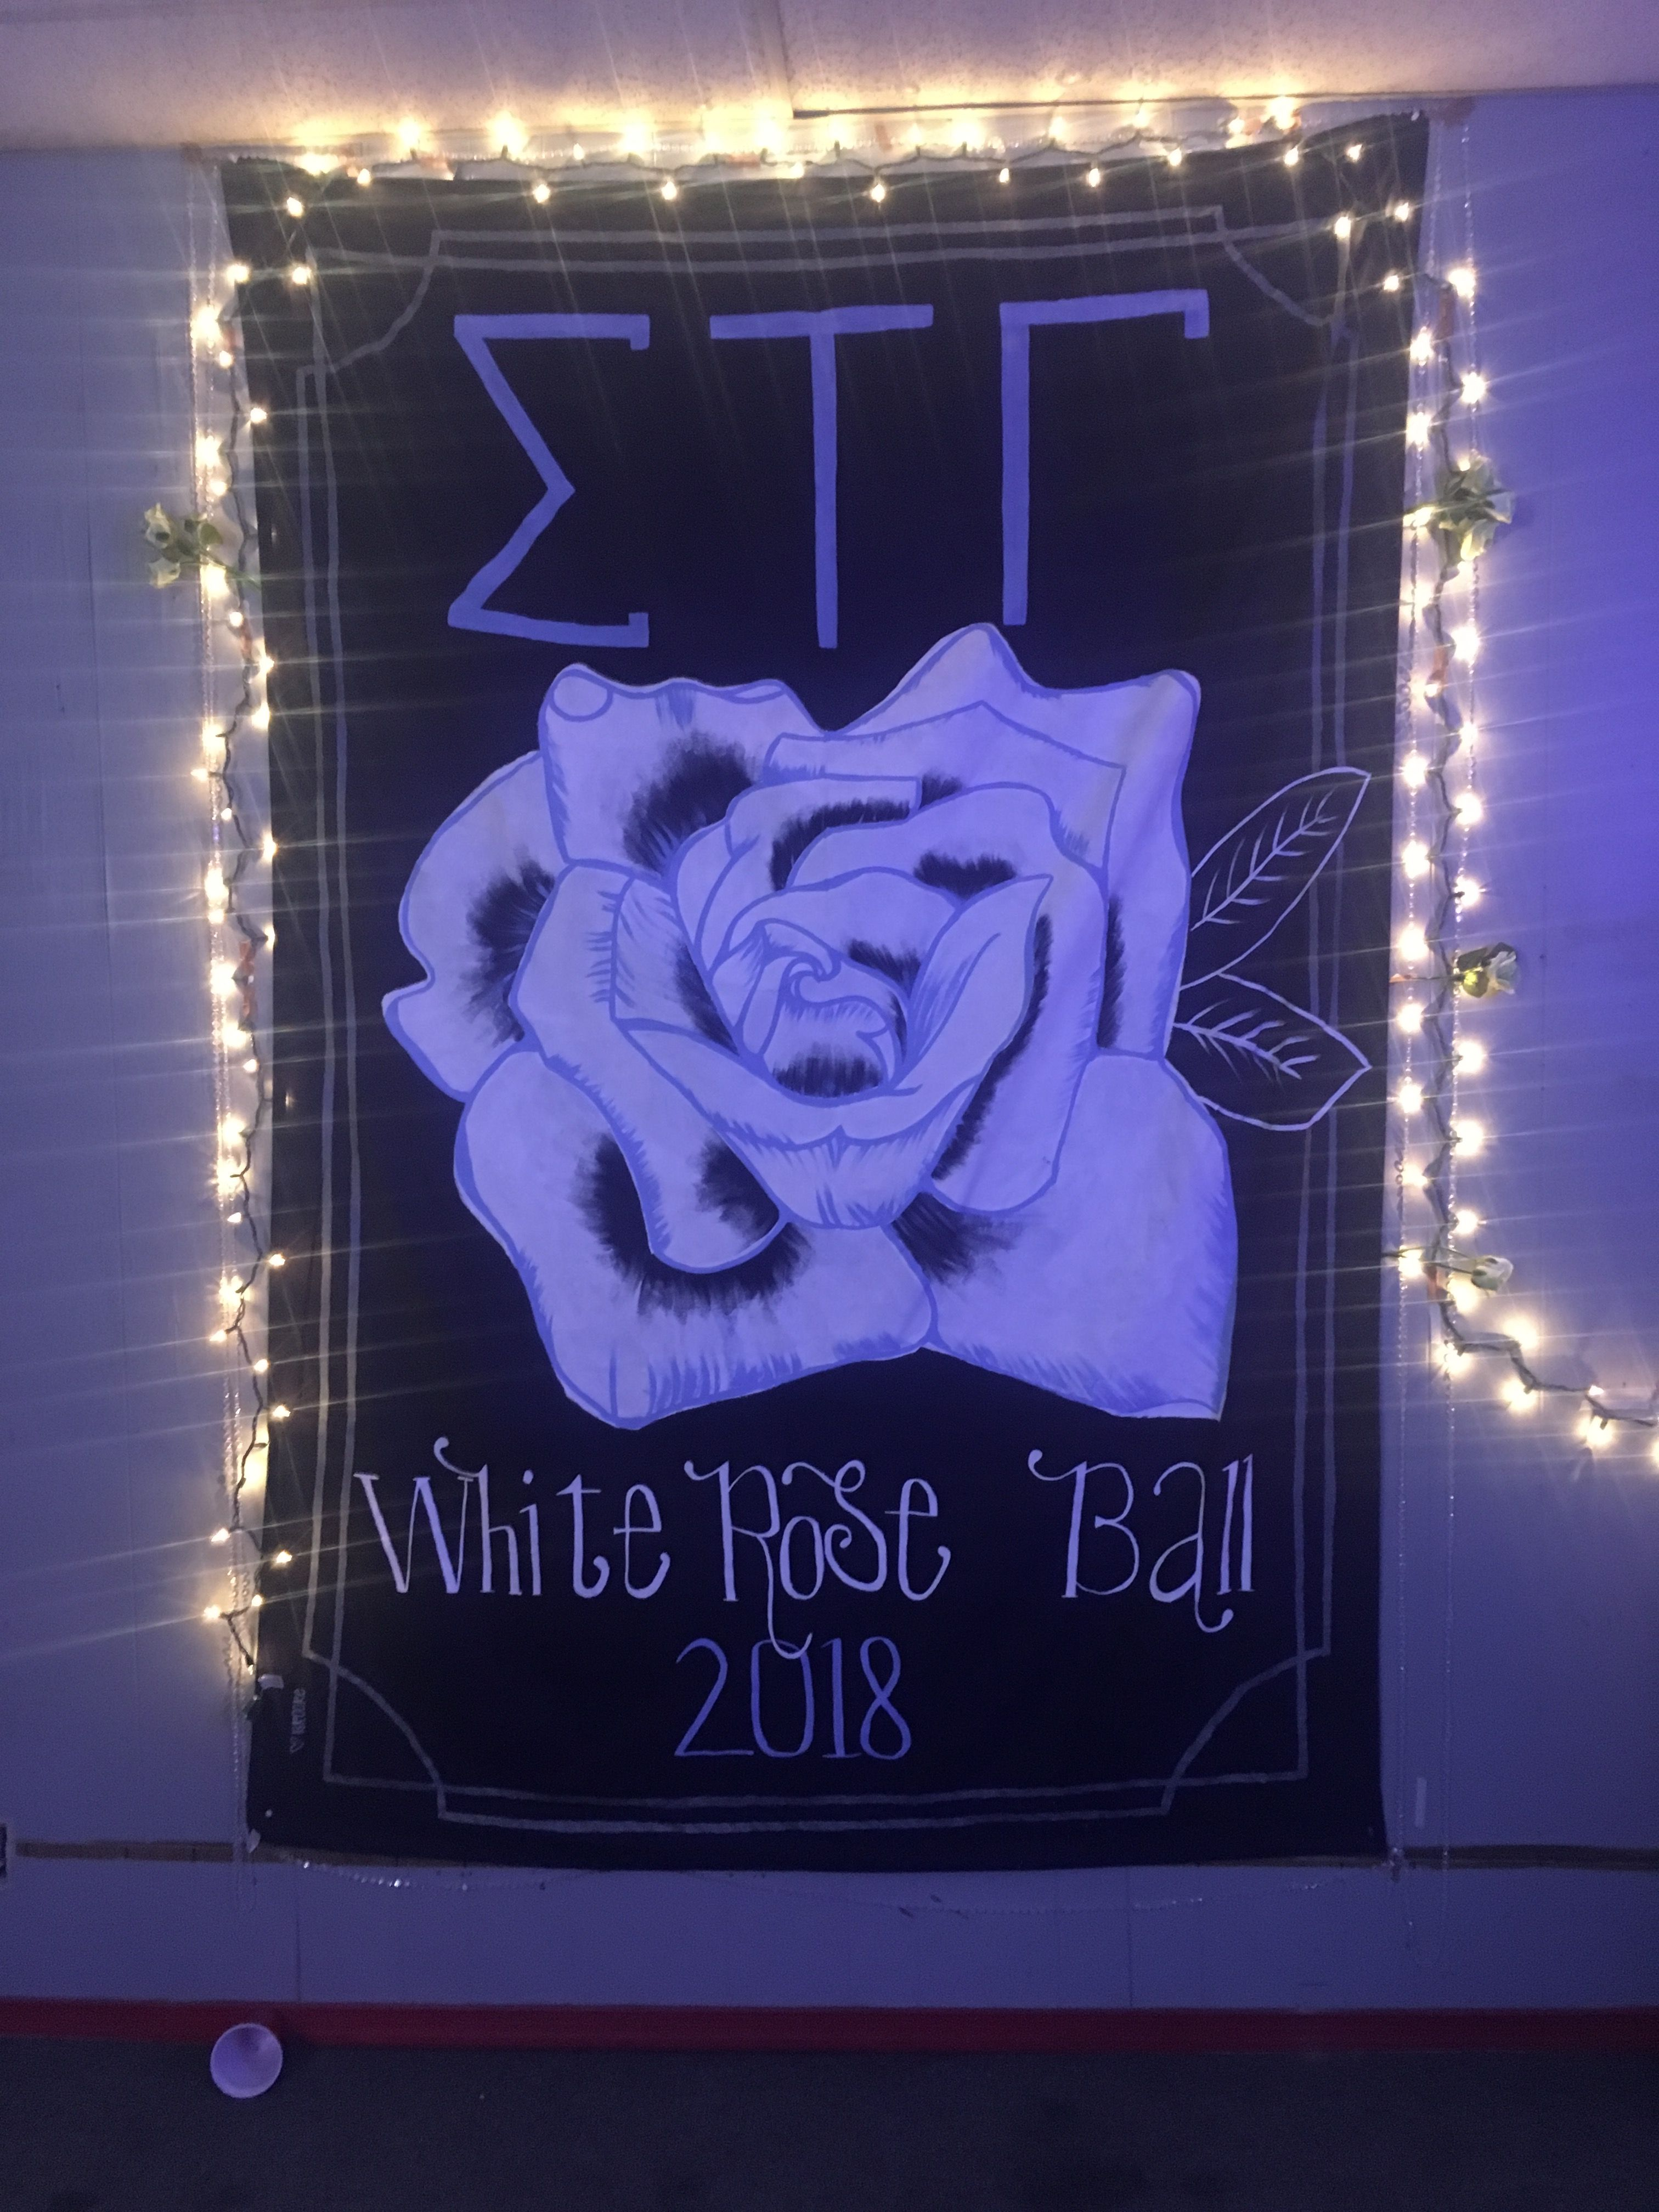 Sigma Tau Gamma White Rose Banner Tau Gamma Sigma Tau Gamma Sigma Tau